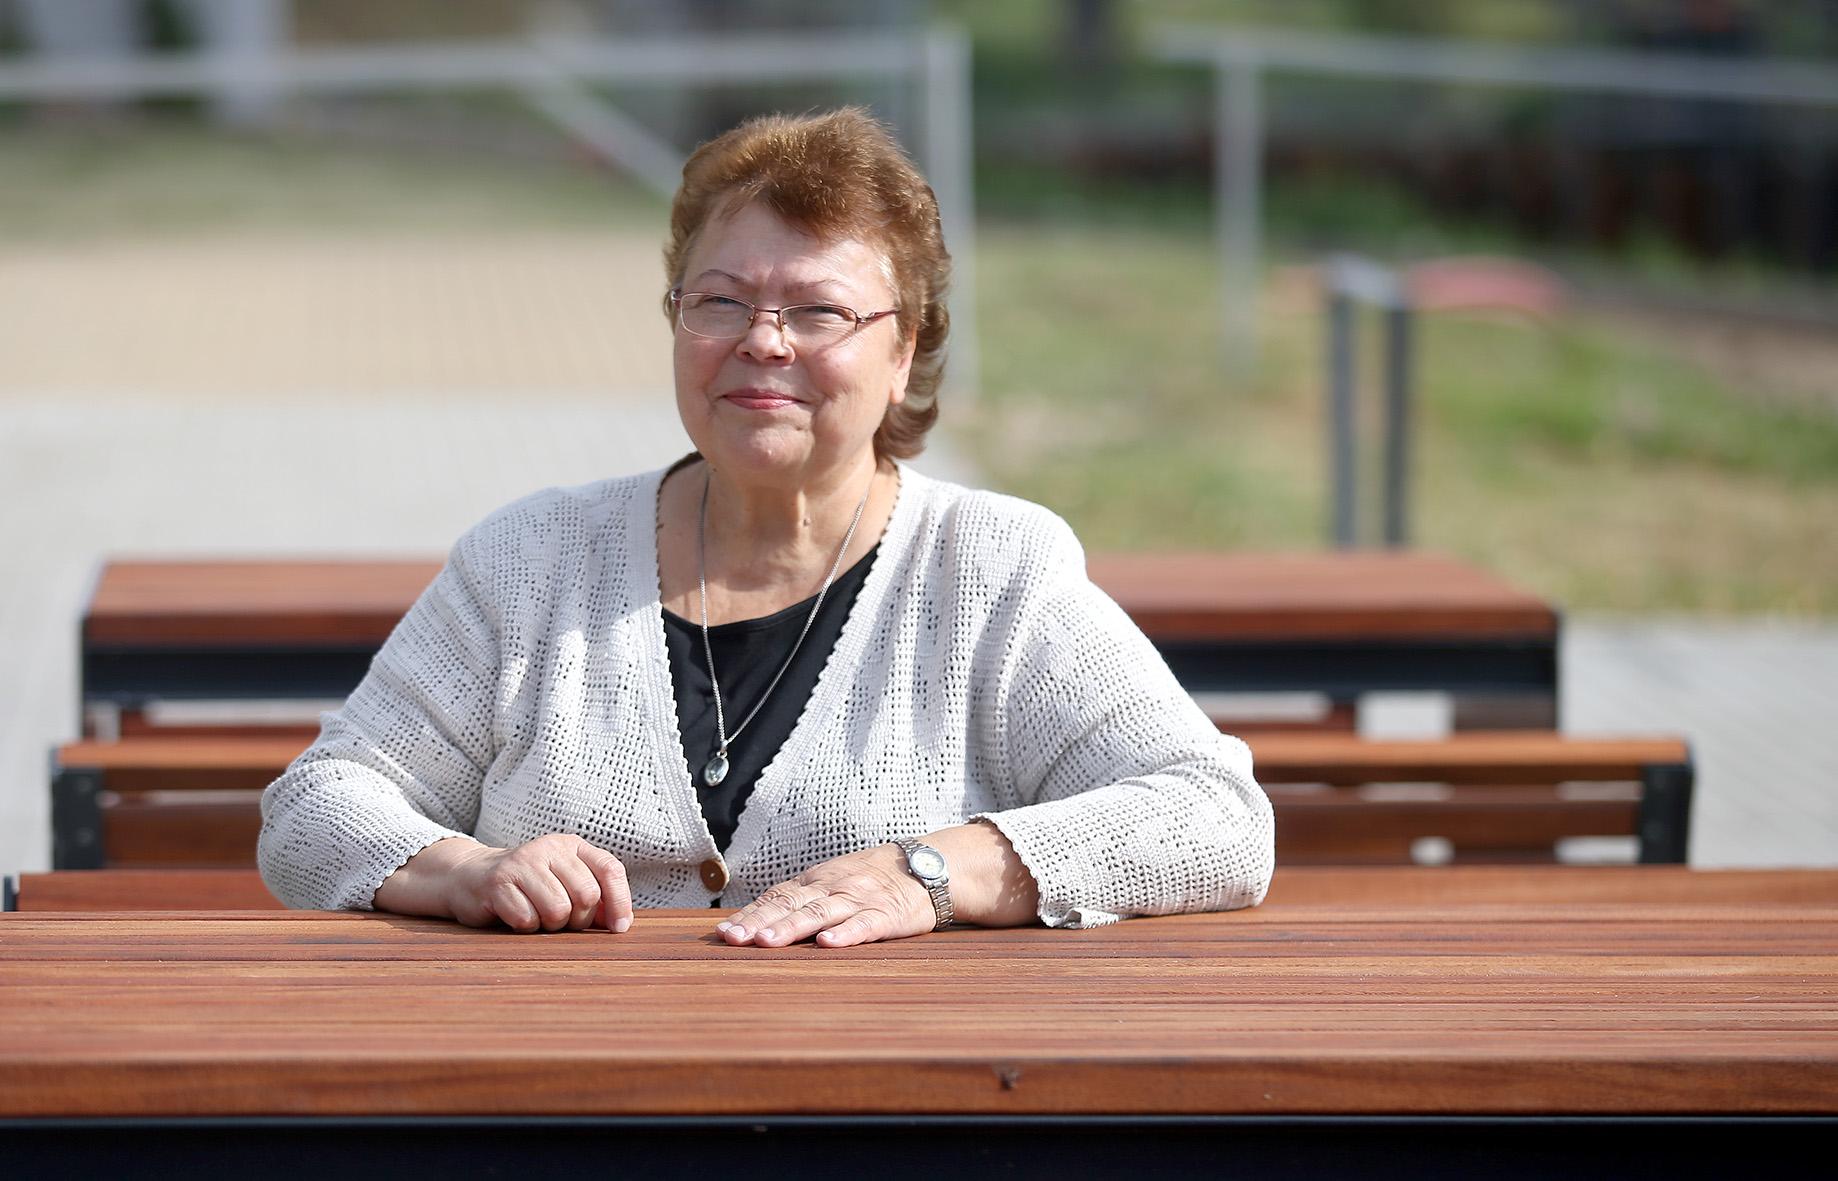 Pasak bibliotekos direktorės Birutės Ruzgienės, viena iš šiuolaikinės bibliotekos misijų – padėti žmonėms pažinti ir gilintis į moderniąsias technologijas. Algimanto Barzdžiaus nuotr.